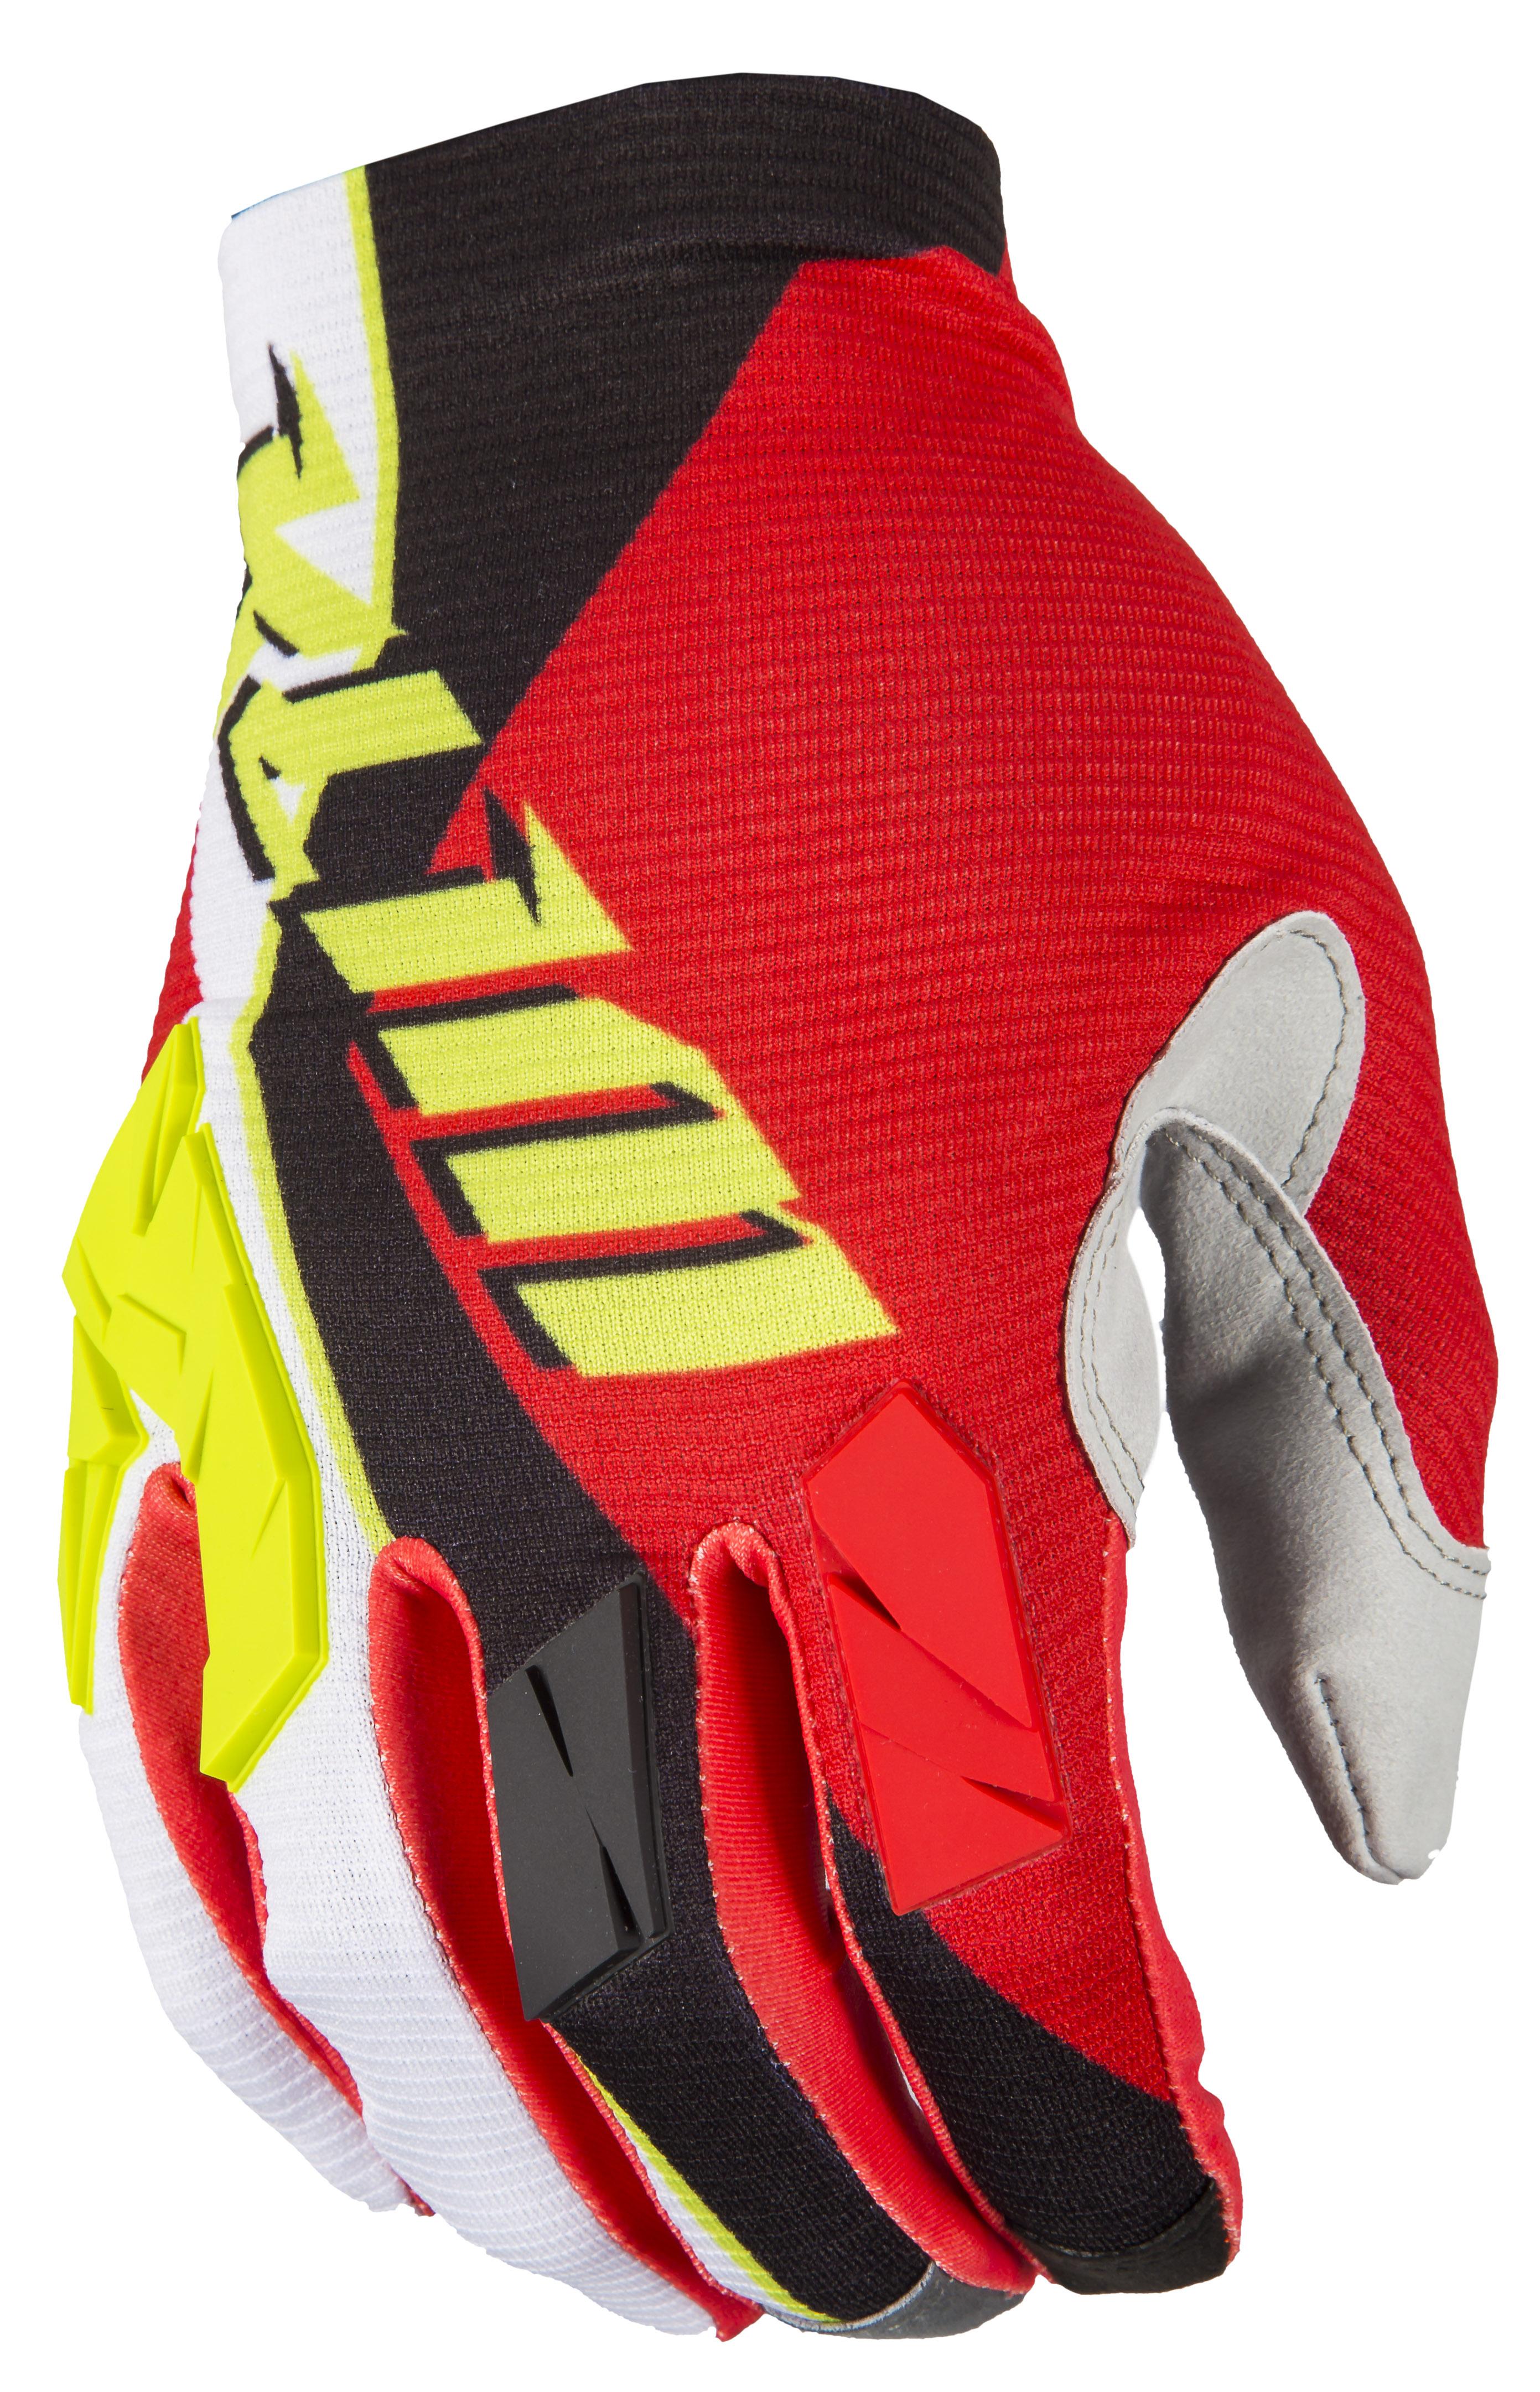 XC LITE Glove 5002-002-100